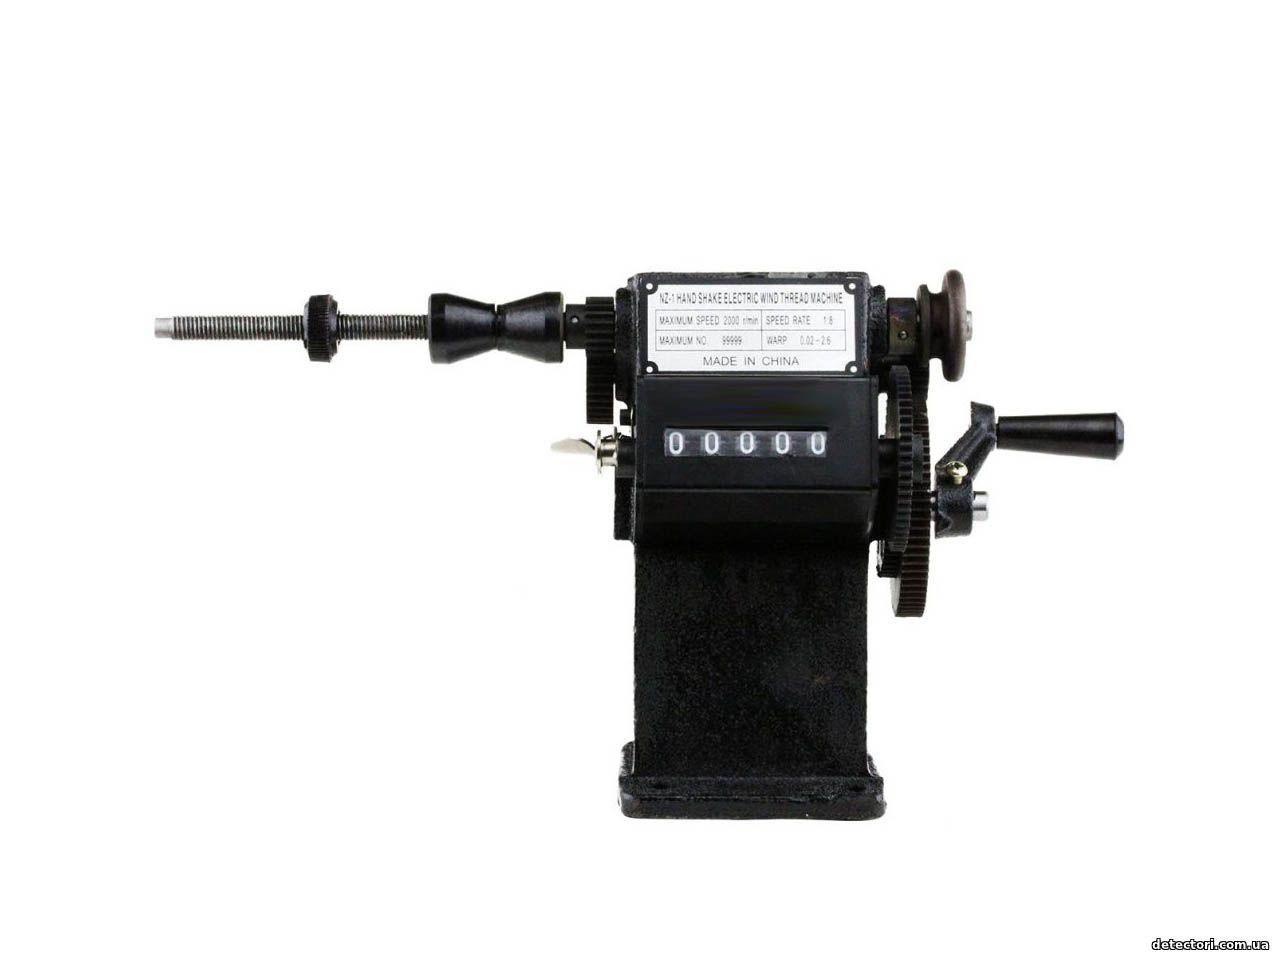 Ручной намоточный станок для радиолюбителя